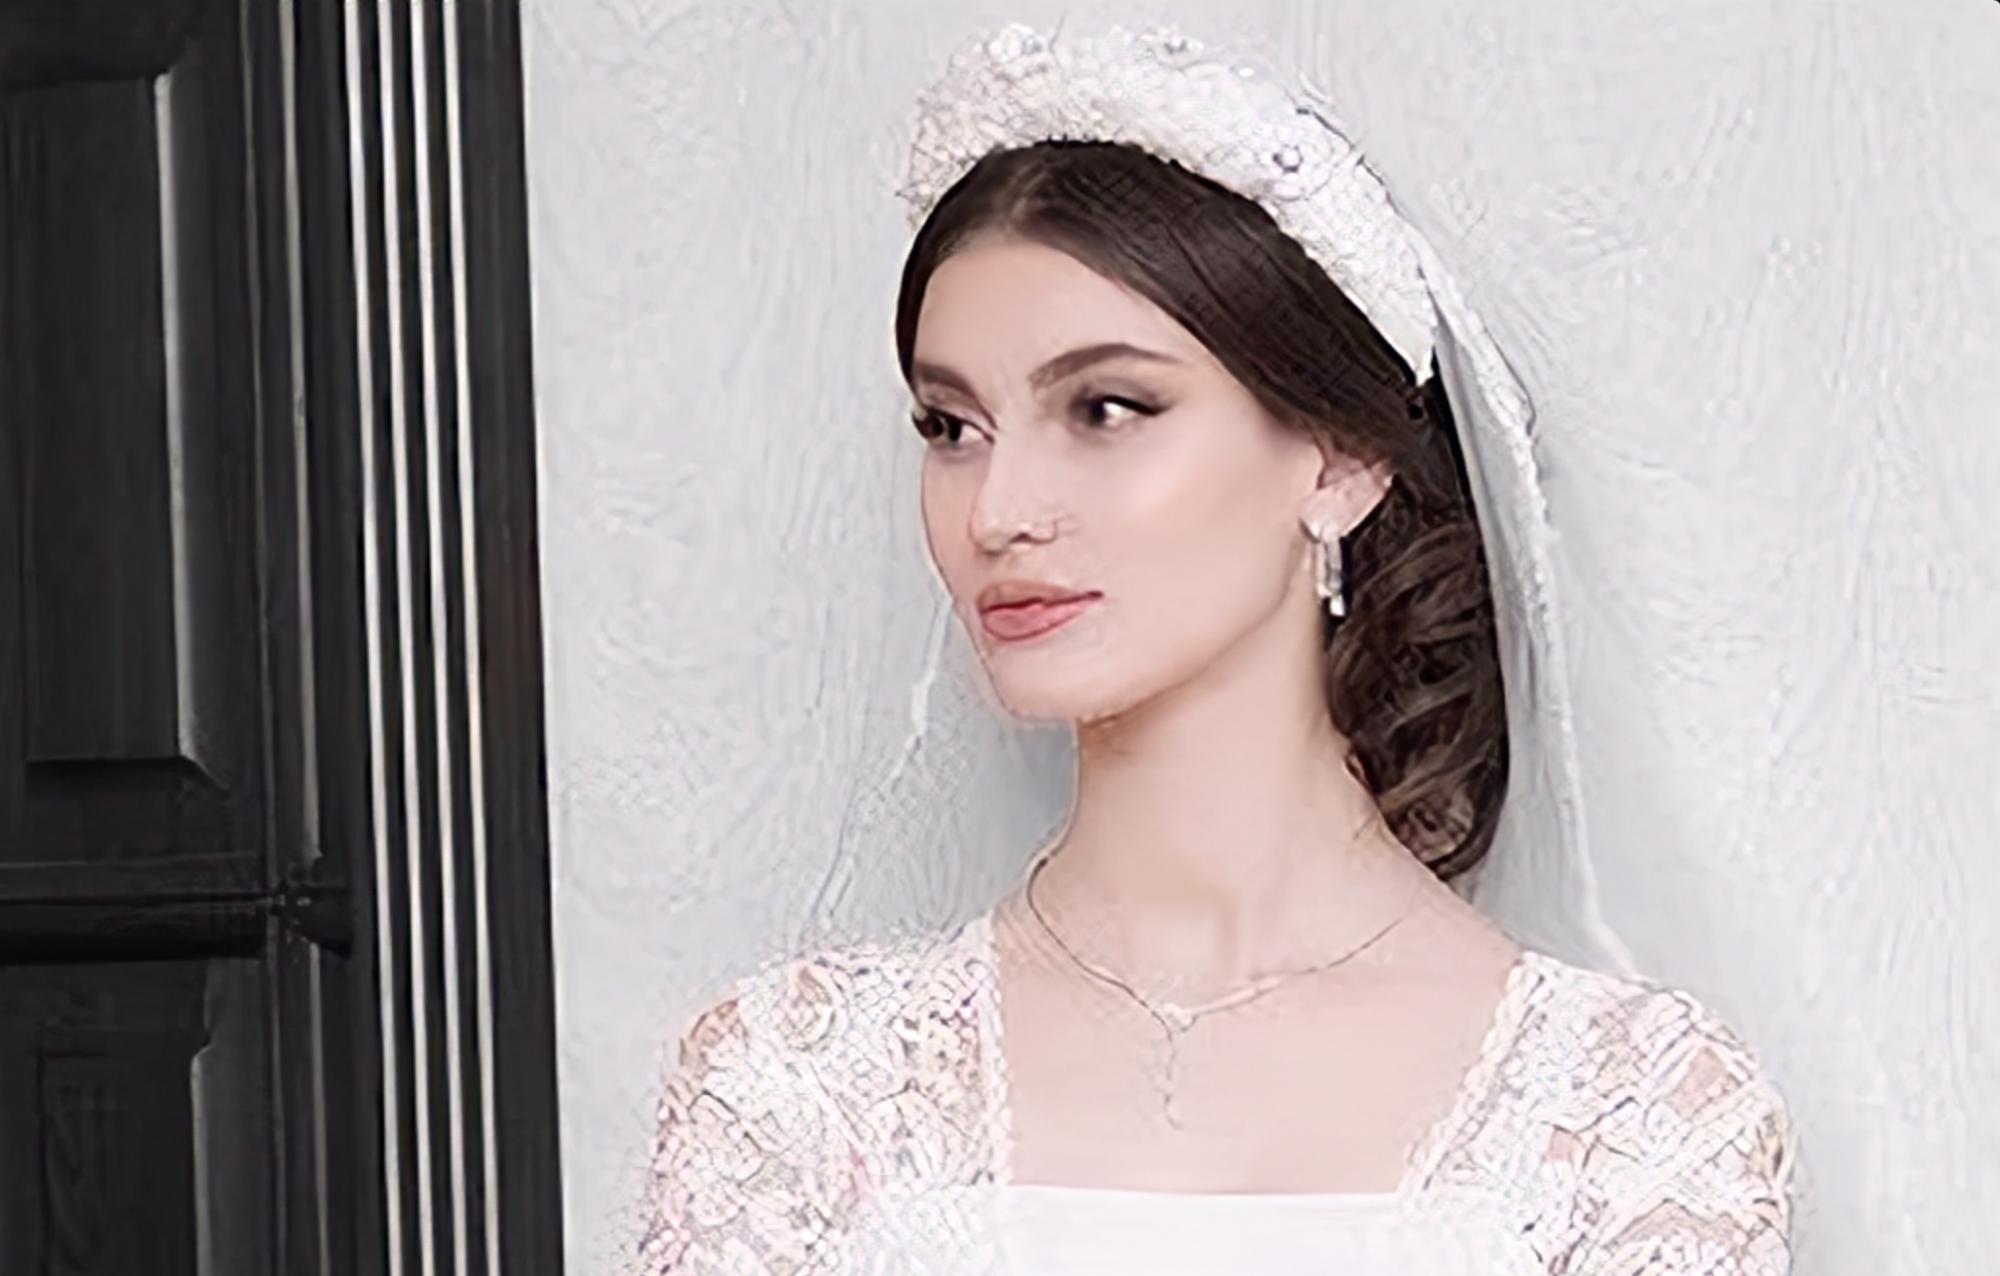 Бывший муж Орбакайте женился на 18-летней модели из Чечни